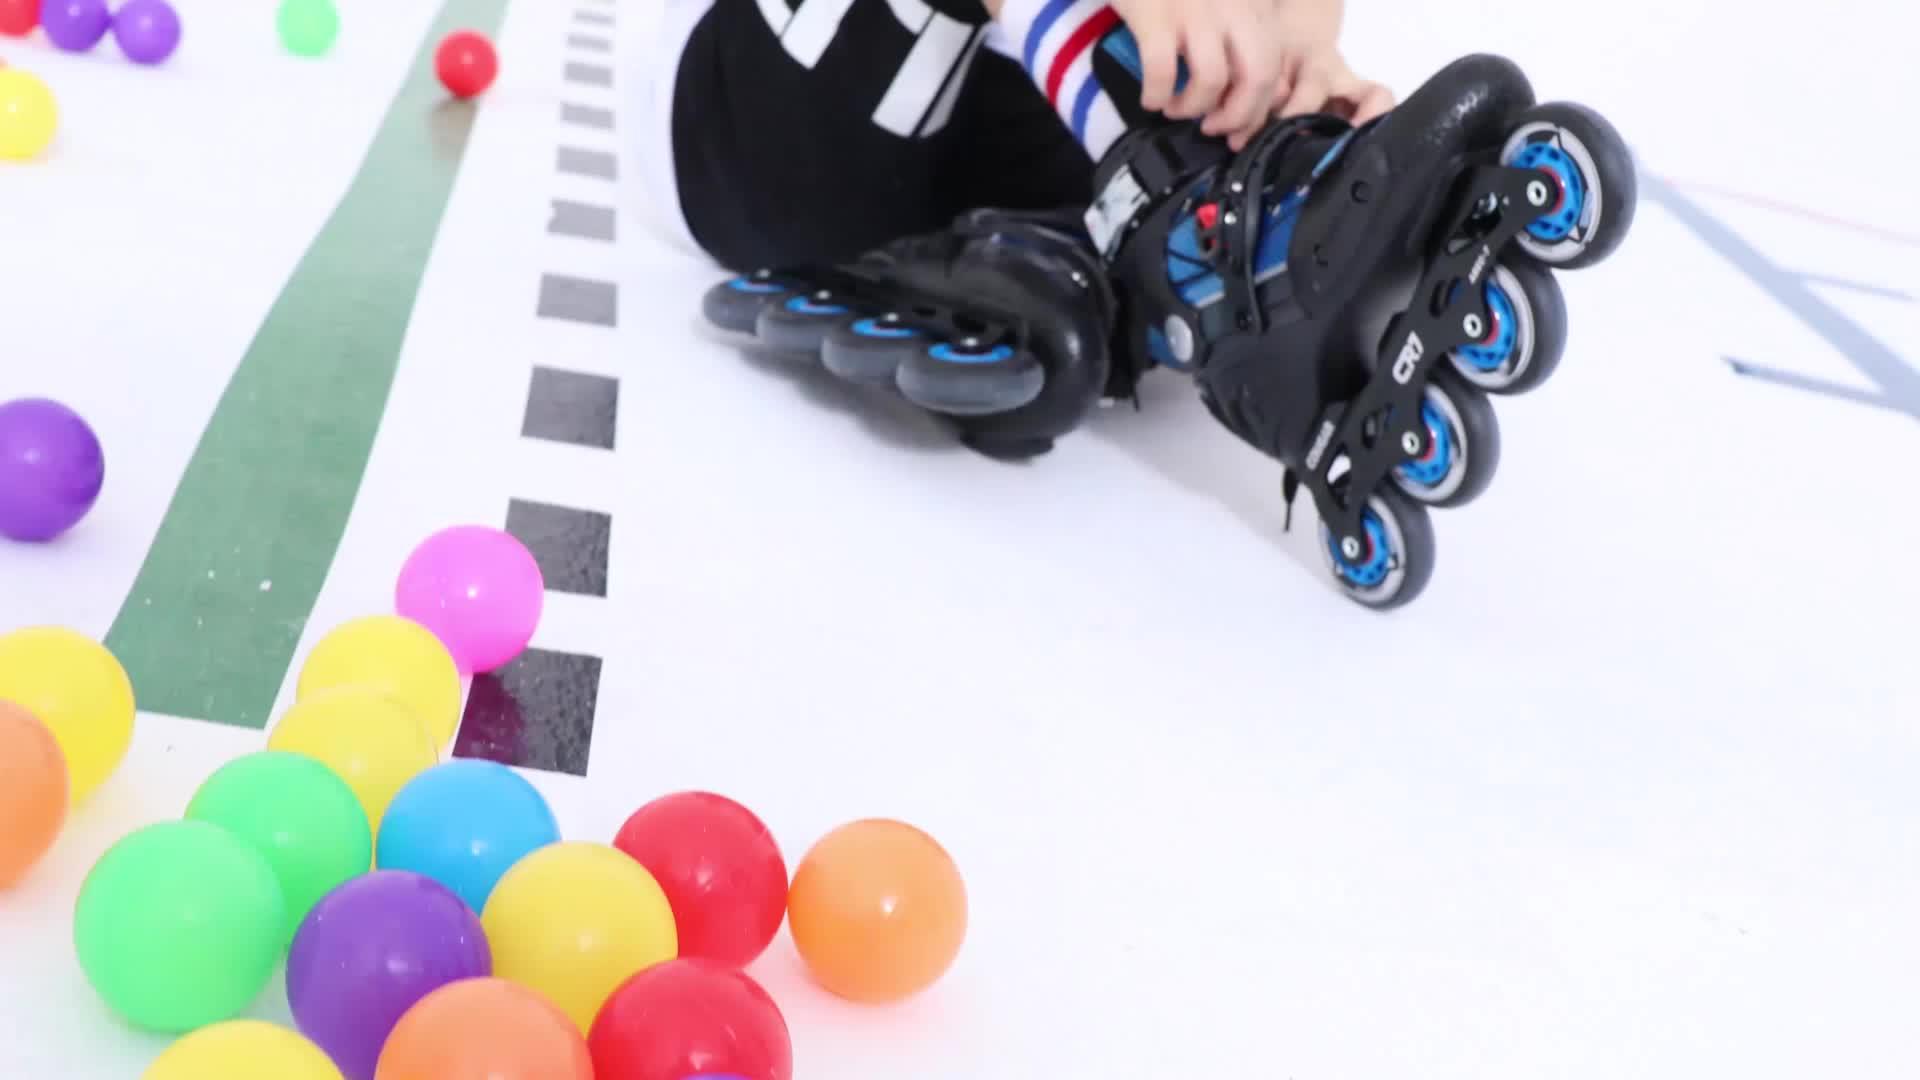 Профессиональные роликовые коньки с колесами в ряд от производителя сделано катание загрузки колеса роликовые коньки обувь